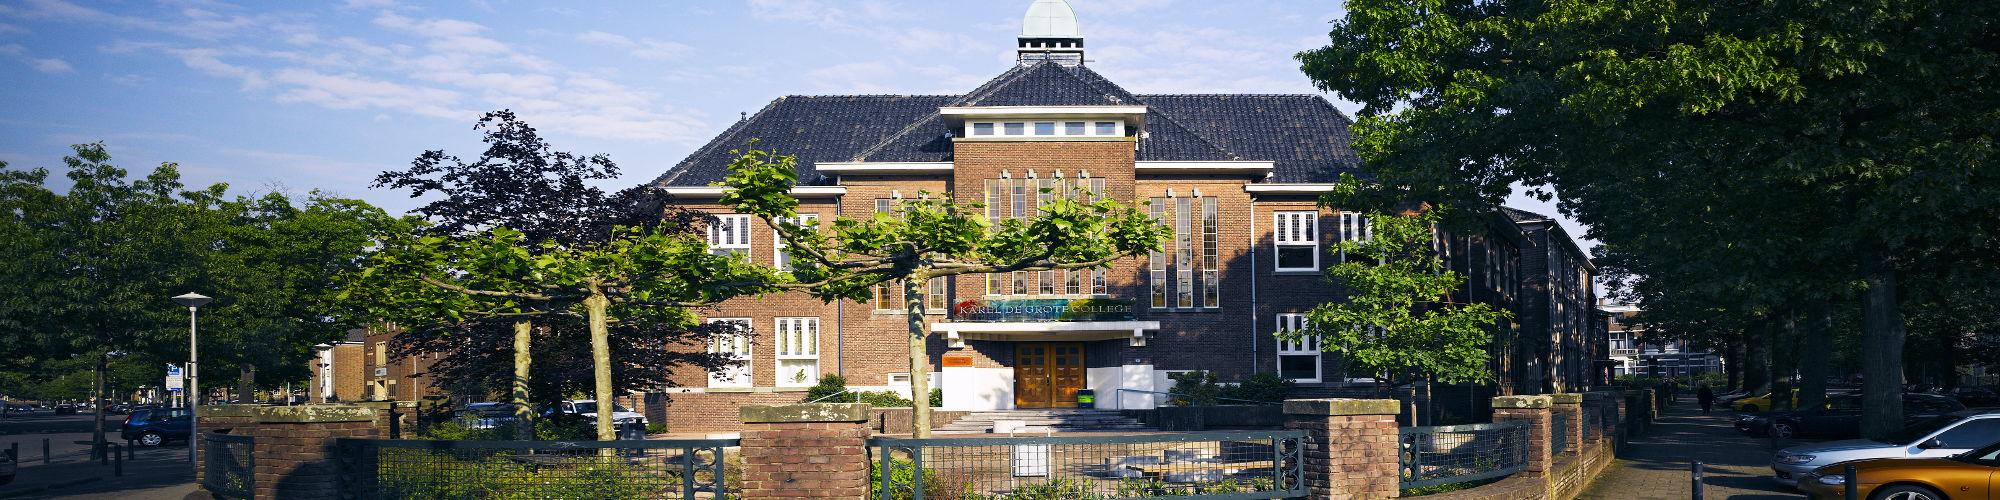 Home gebouw